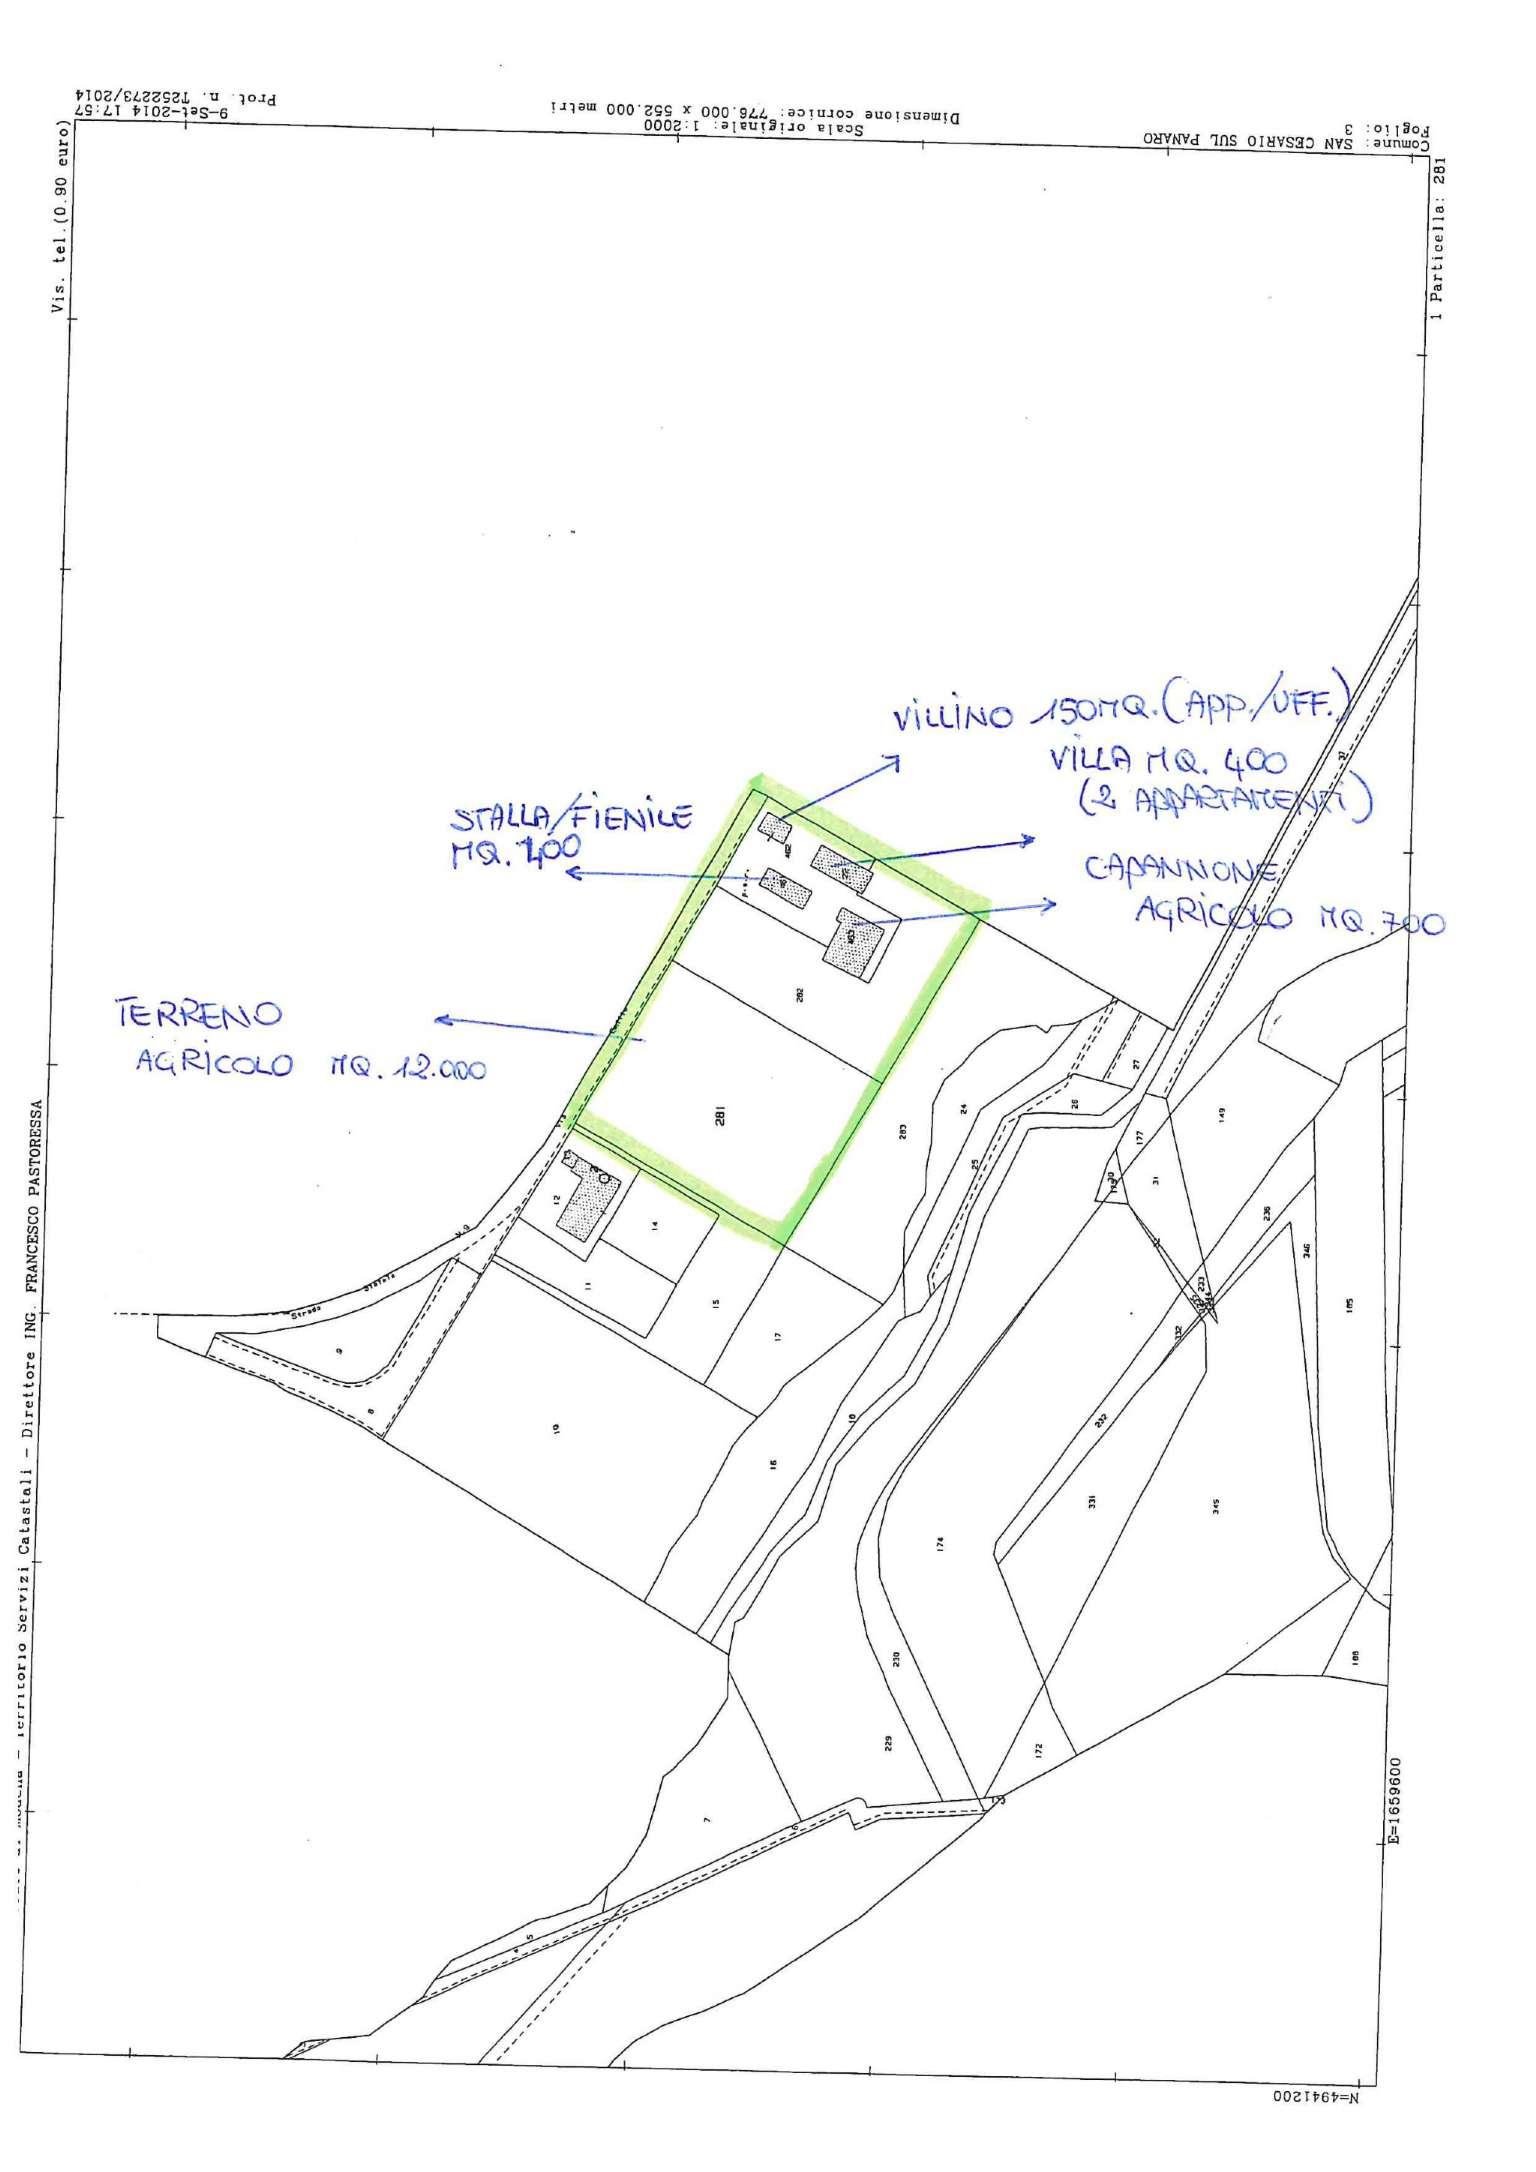 Terreno Agricolo in vendita a San Cesario sul Panaro, 9999 locali, prezzo € 390.000 | CambioCasa.it